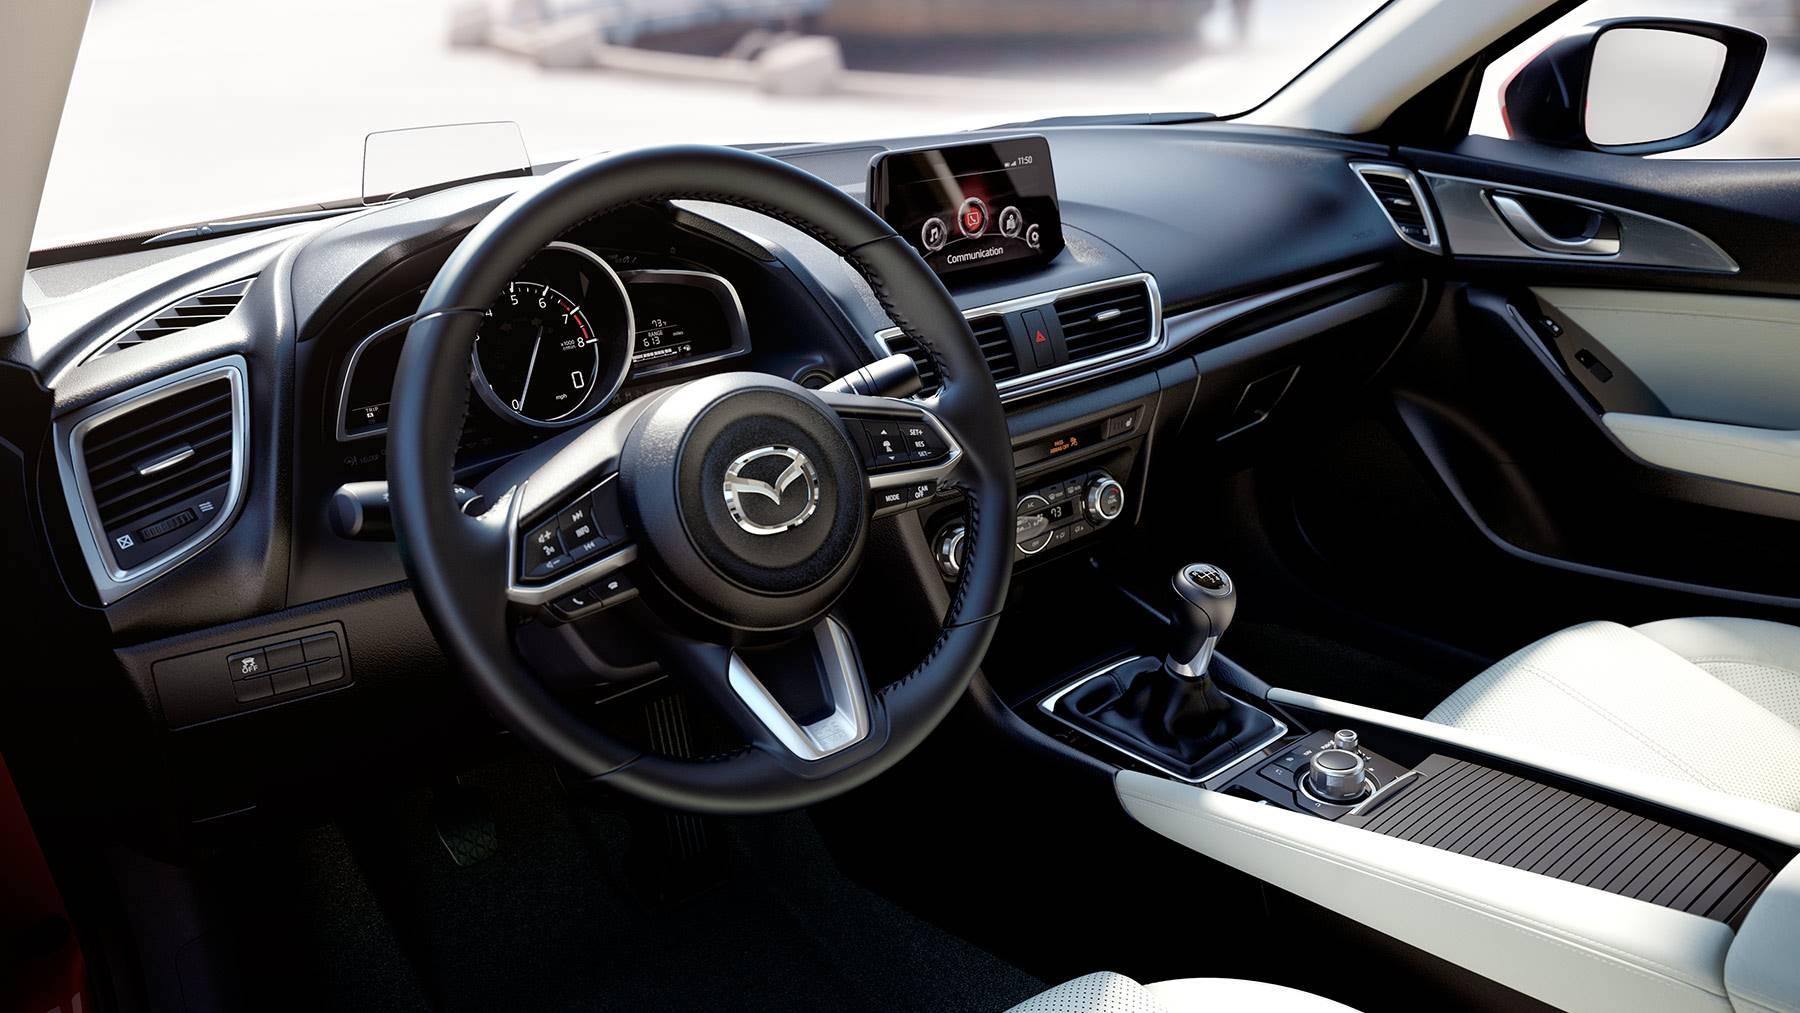 Mazda 3 Service Manual: Storage